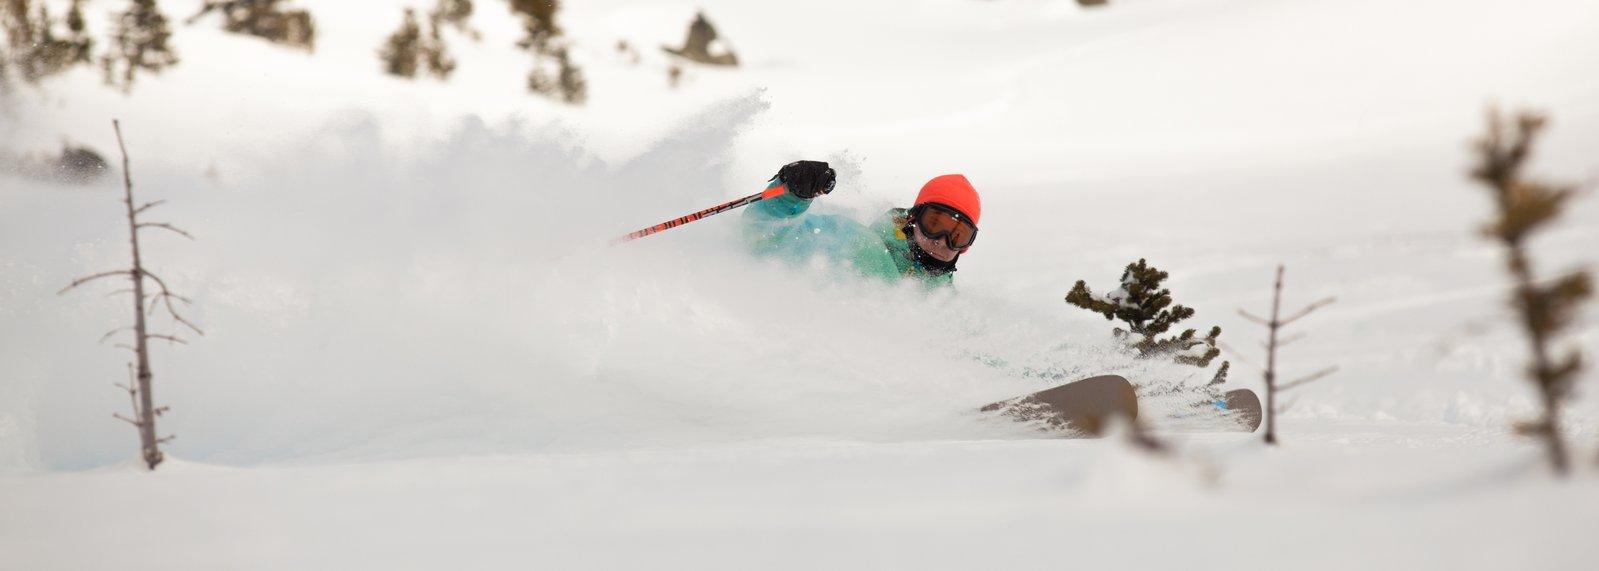 playing skis